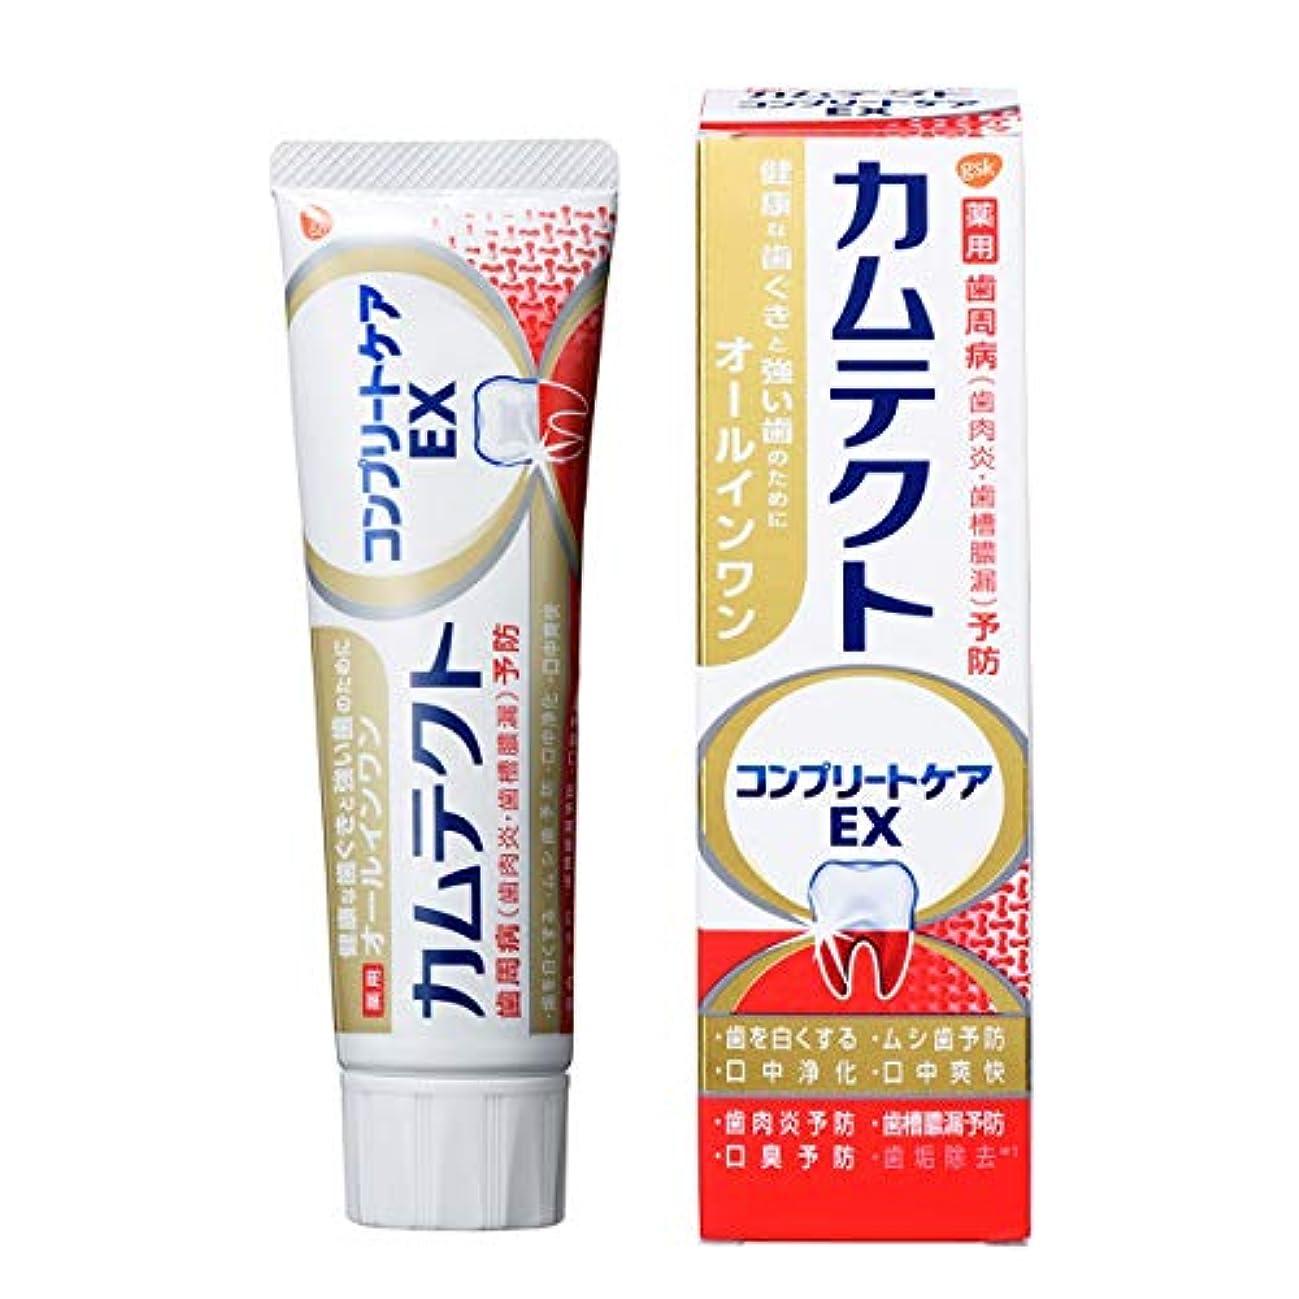 指紋ミントドラフトカムテクト コンプリートケアEX 歯周病(歯肉炎?歯槽膿漏) 予防 歯磨き粉 105g